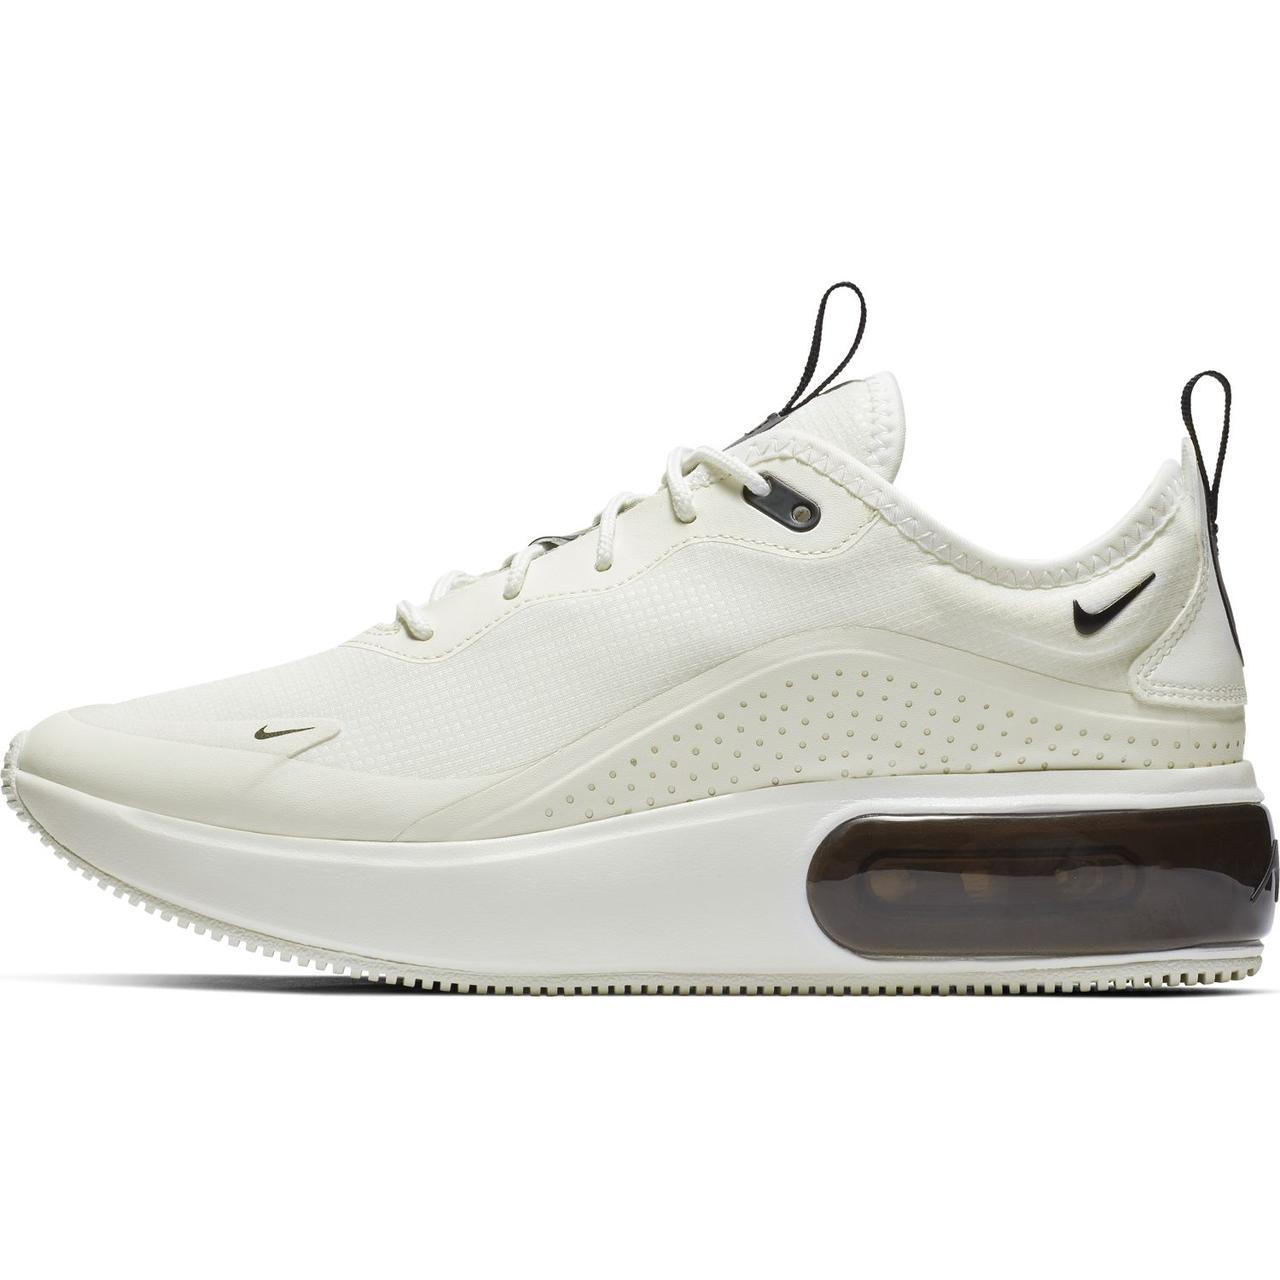 048cc57f Женские кроссовки Nike Air Max Dia AQ4312-100 - Parallel-Brandshop.  Оригинальная обувь